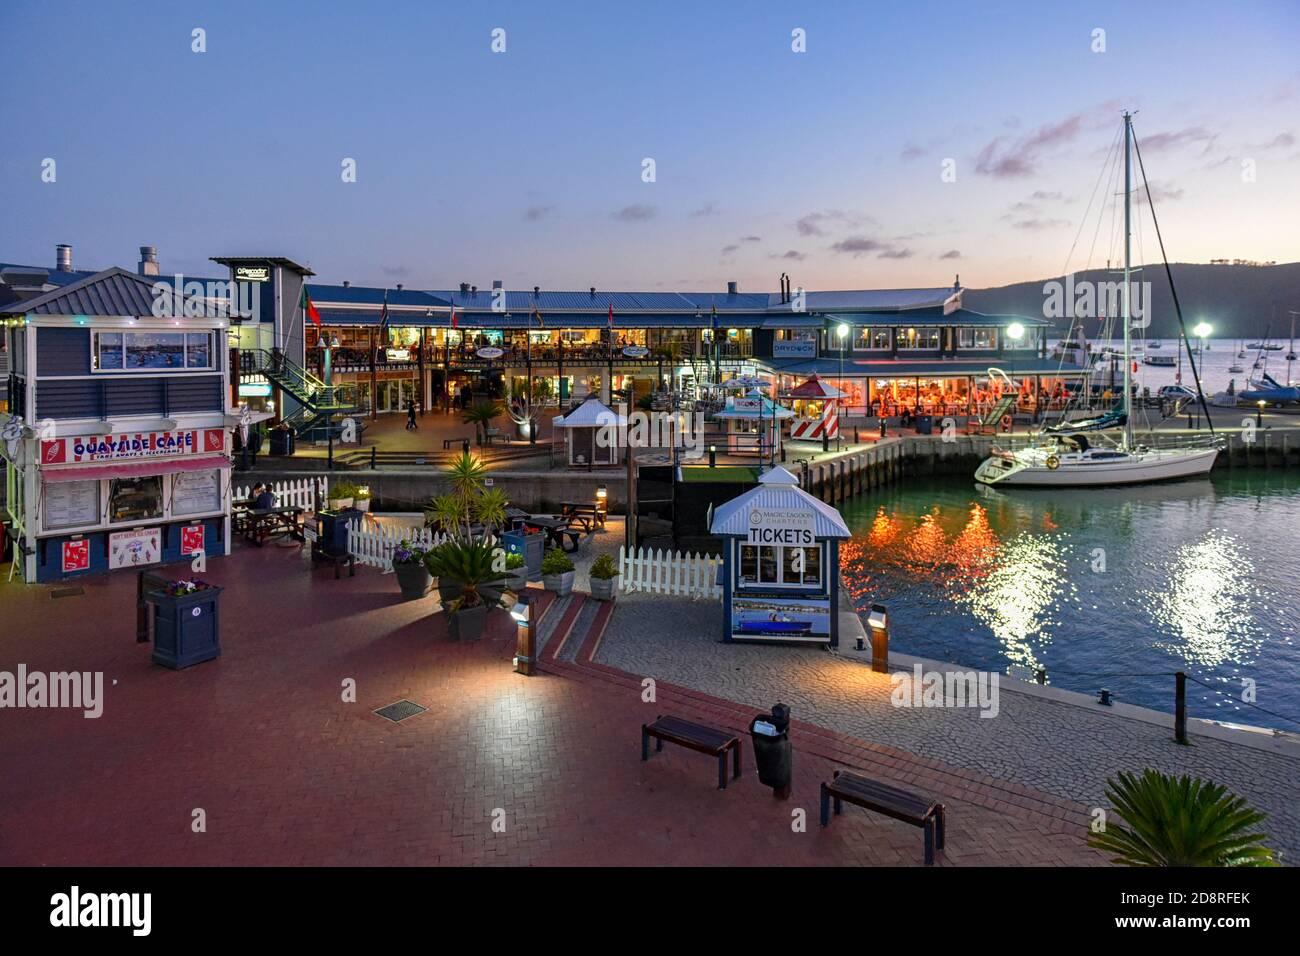 Knysna Waterfront al atardecer, Knysna, Garden Route, Sudáfrica Foto de stock